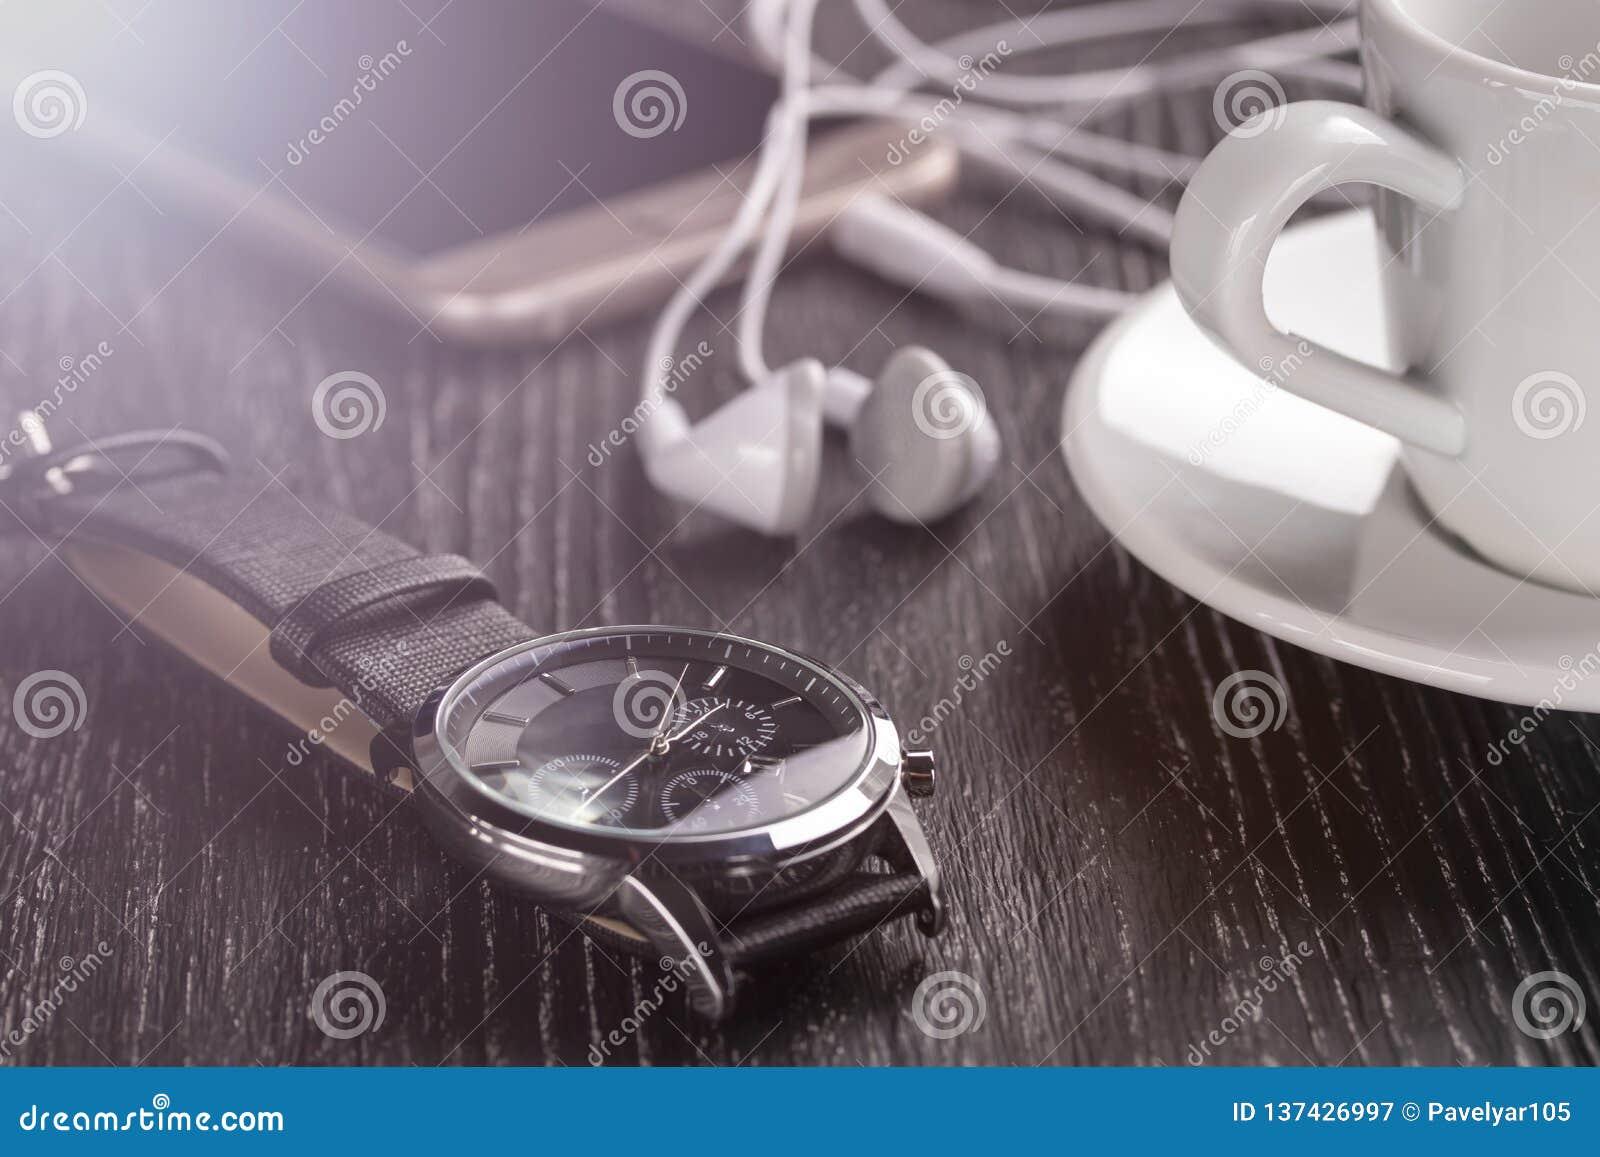 Reloj y teléfono móvil con auriculares y una taza de café en una tabla de madera oscura